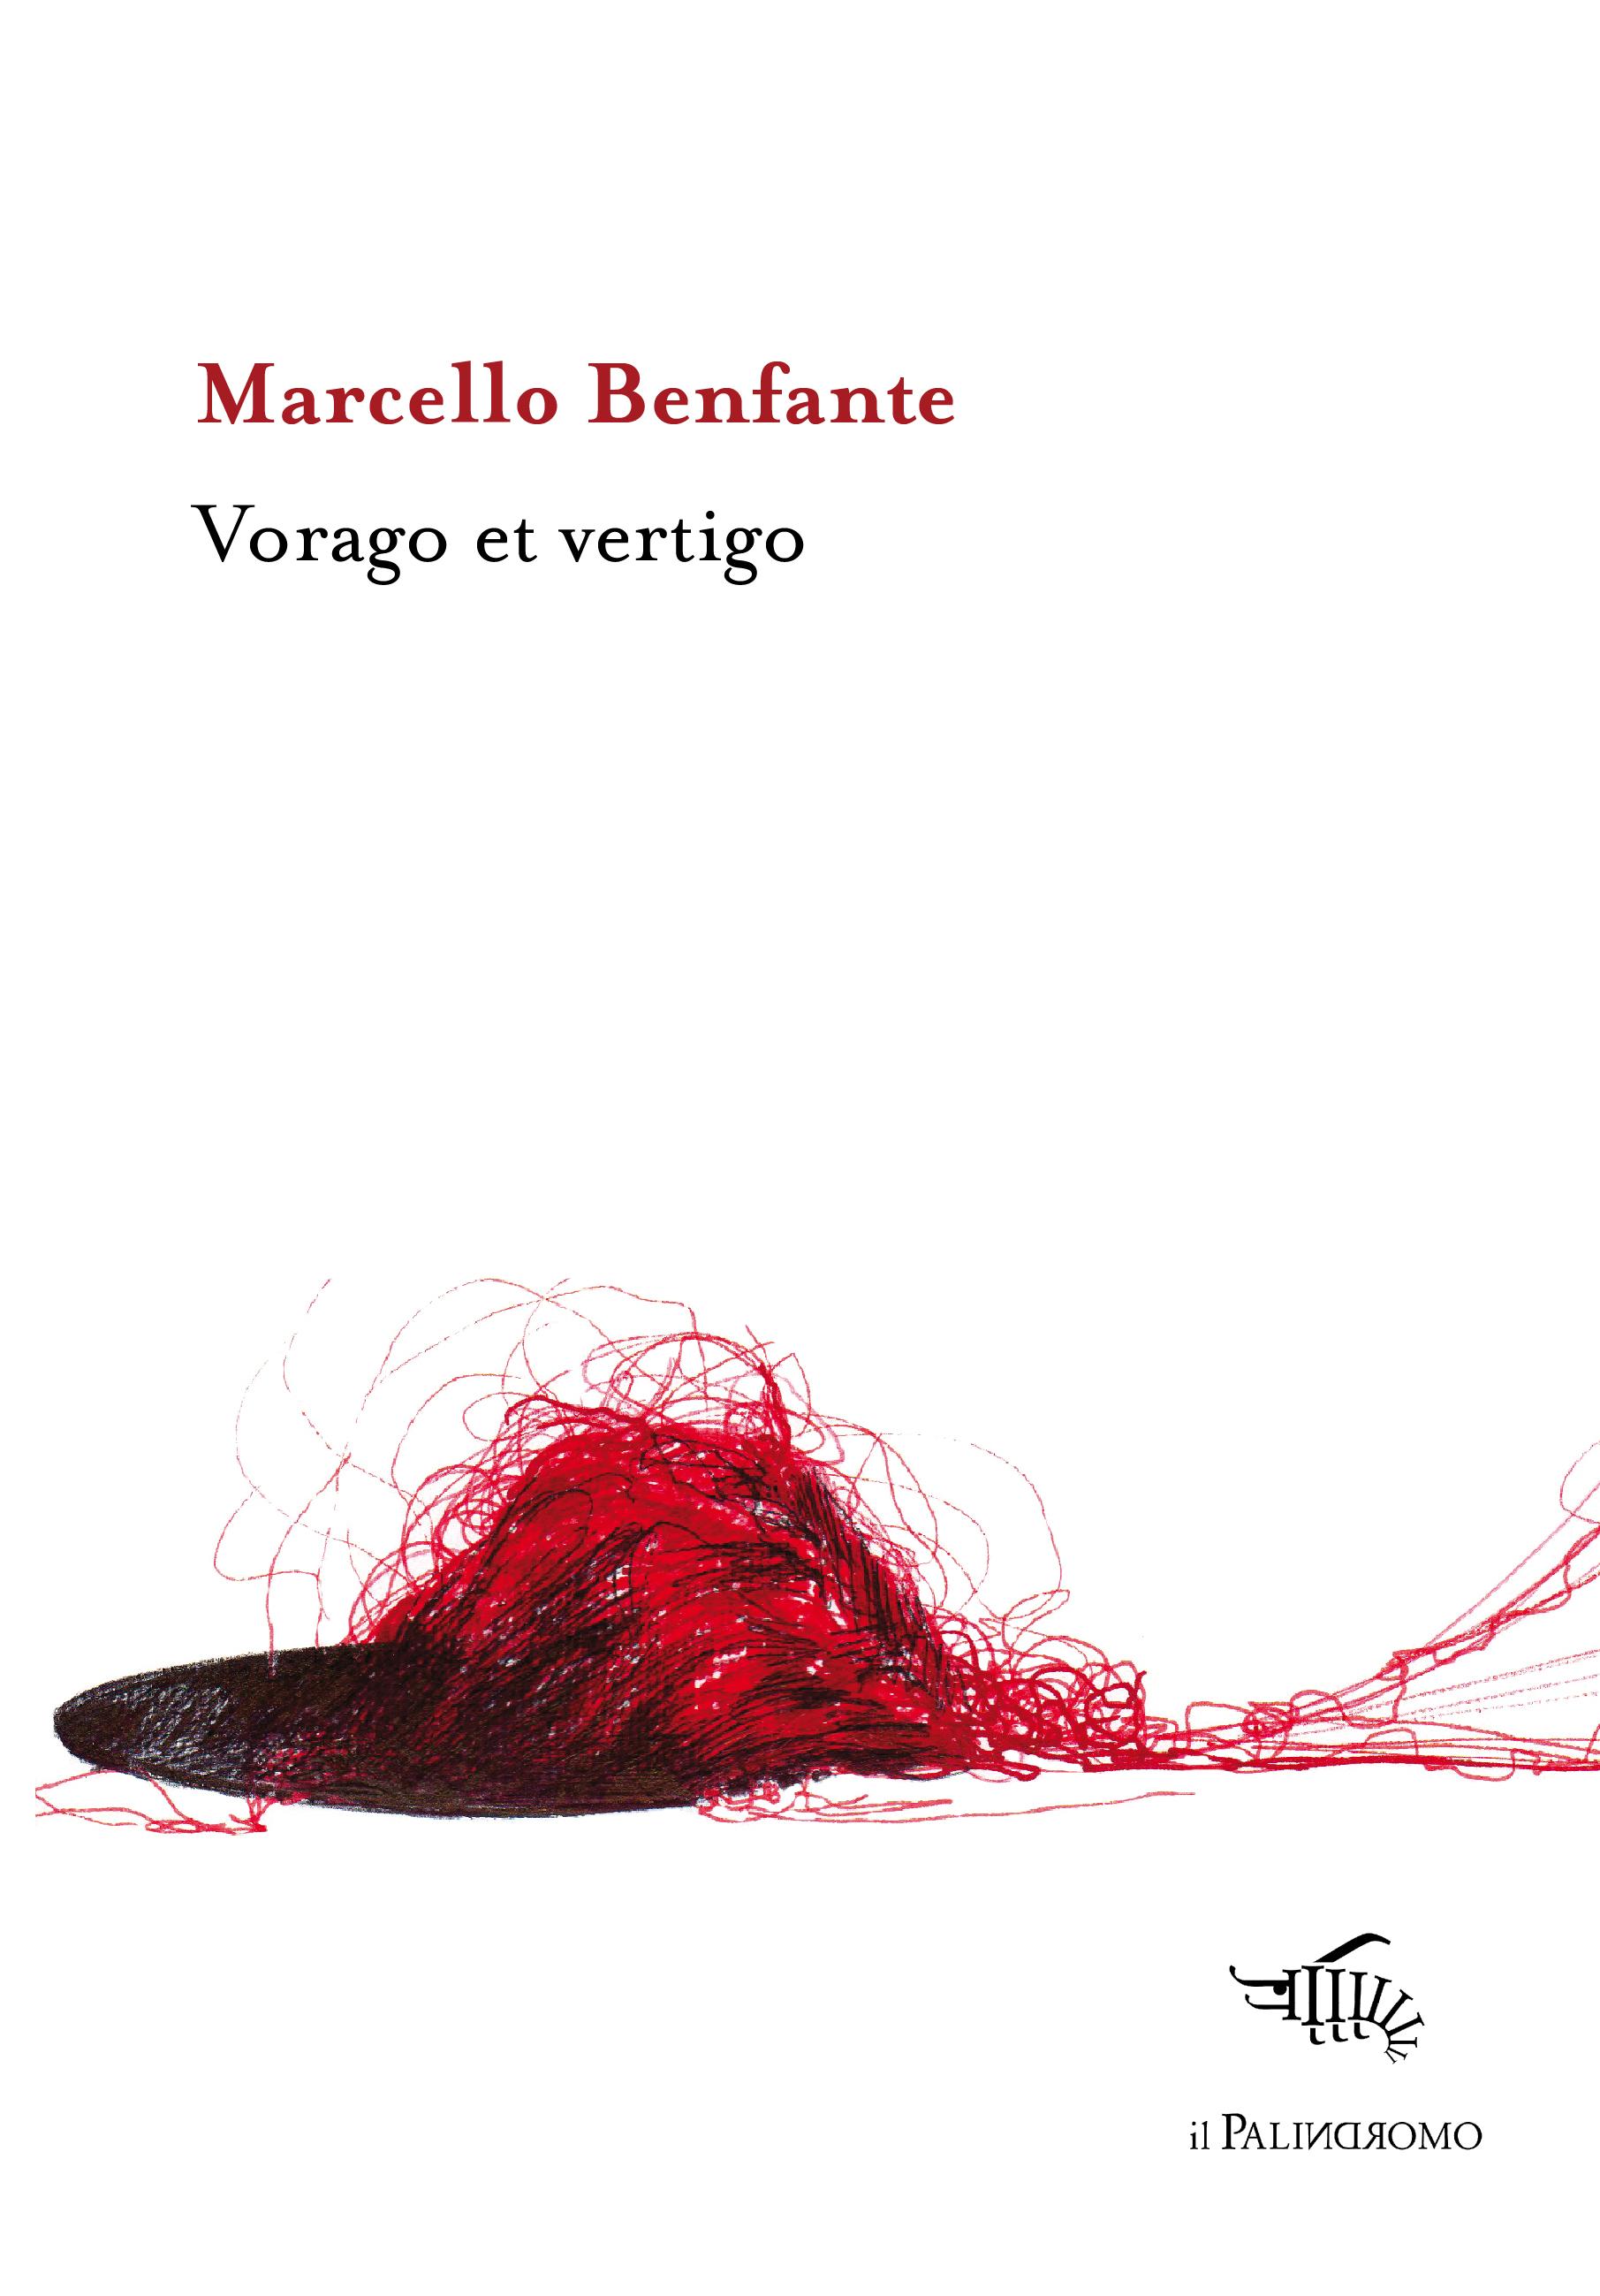 Autore: Marcello Benfante